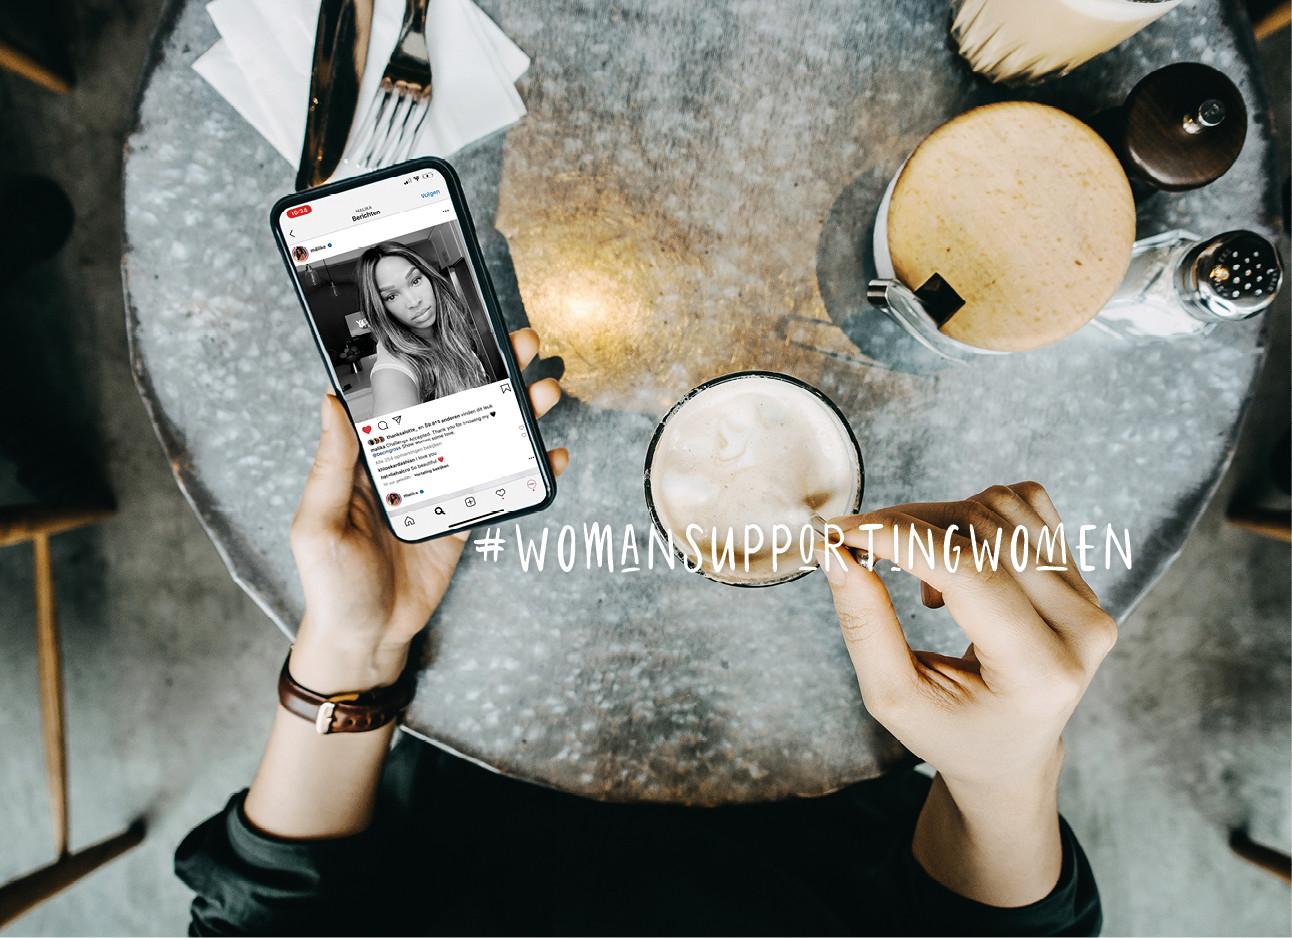 vrouw koffie drinken met haar telefoon kijken op instagram